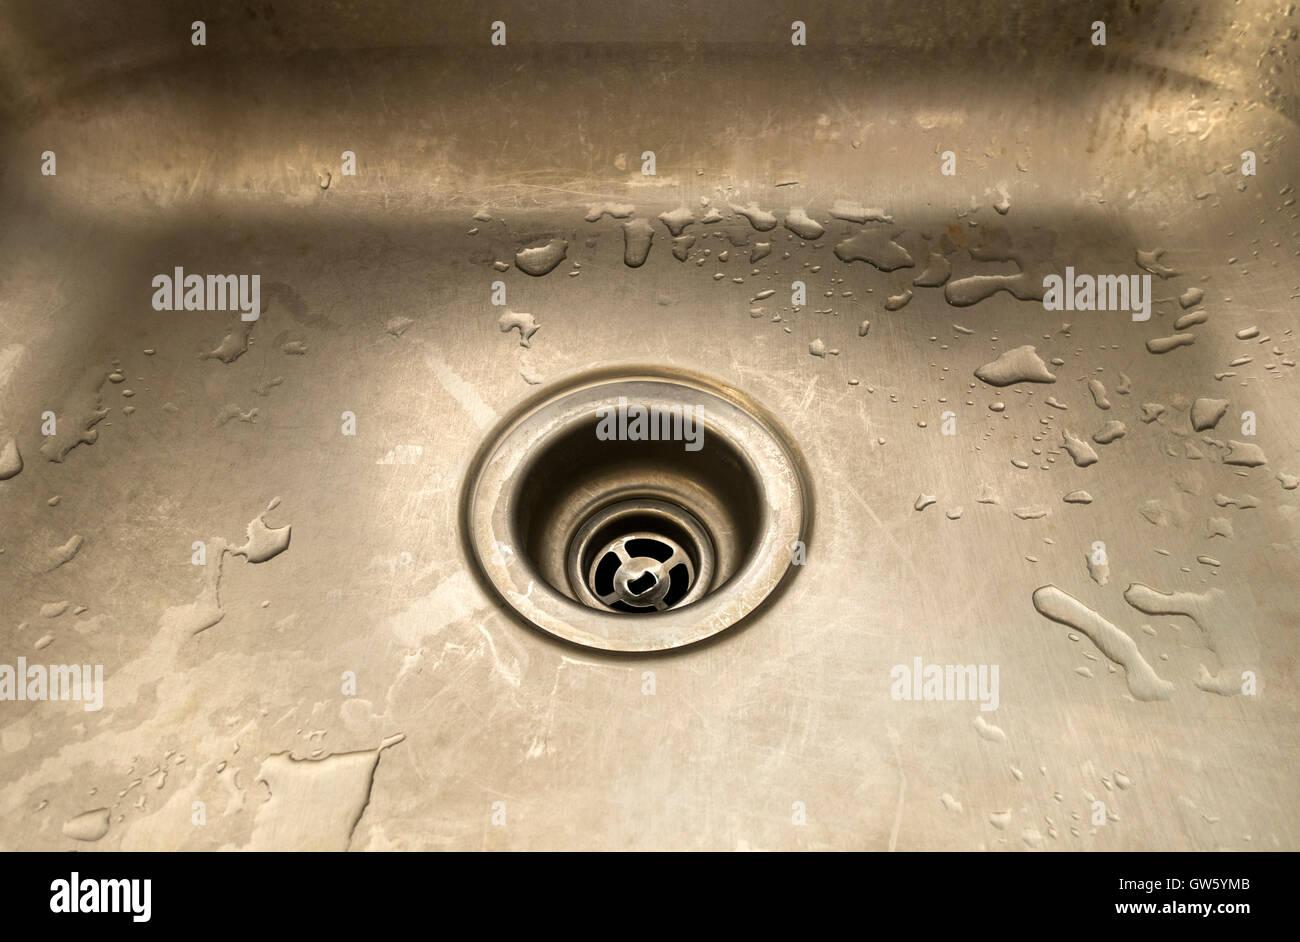 empty-wet-kitchen-sink-with-open-drain-G